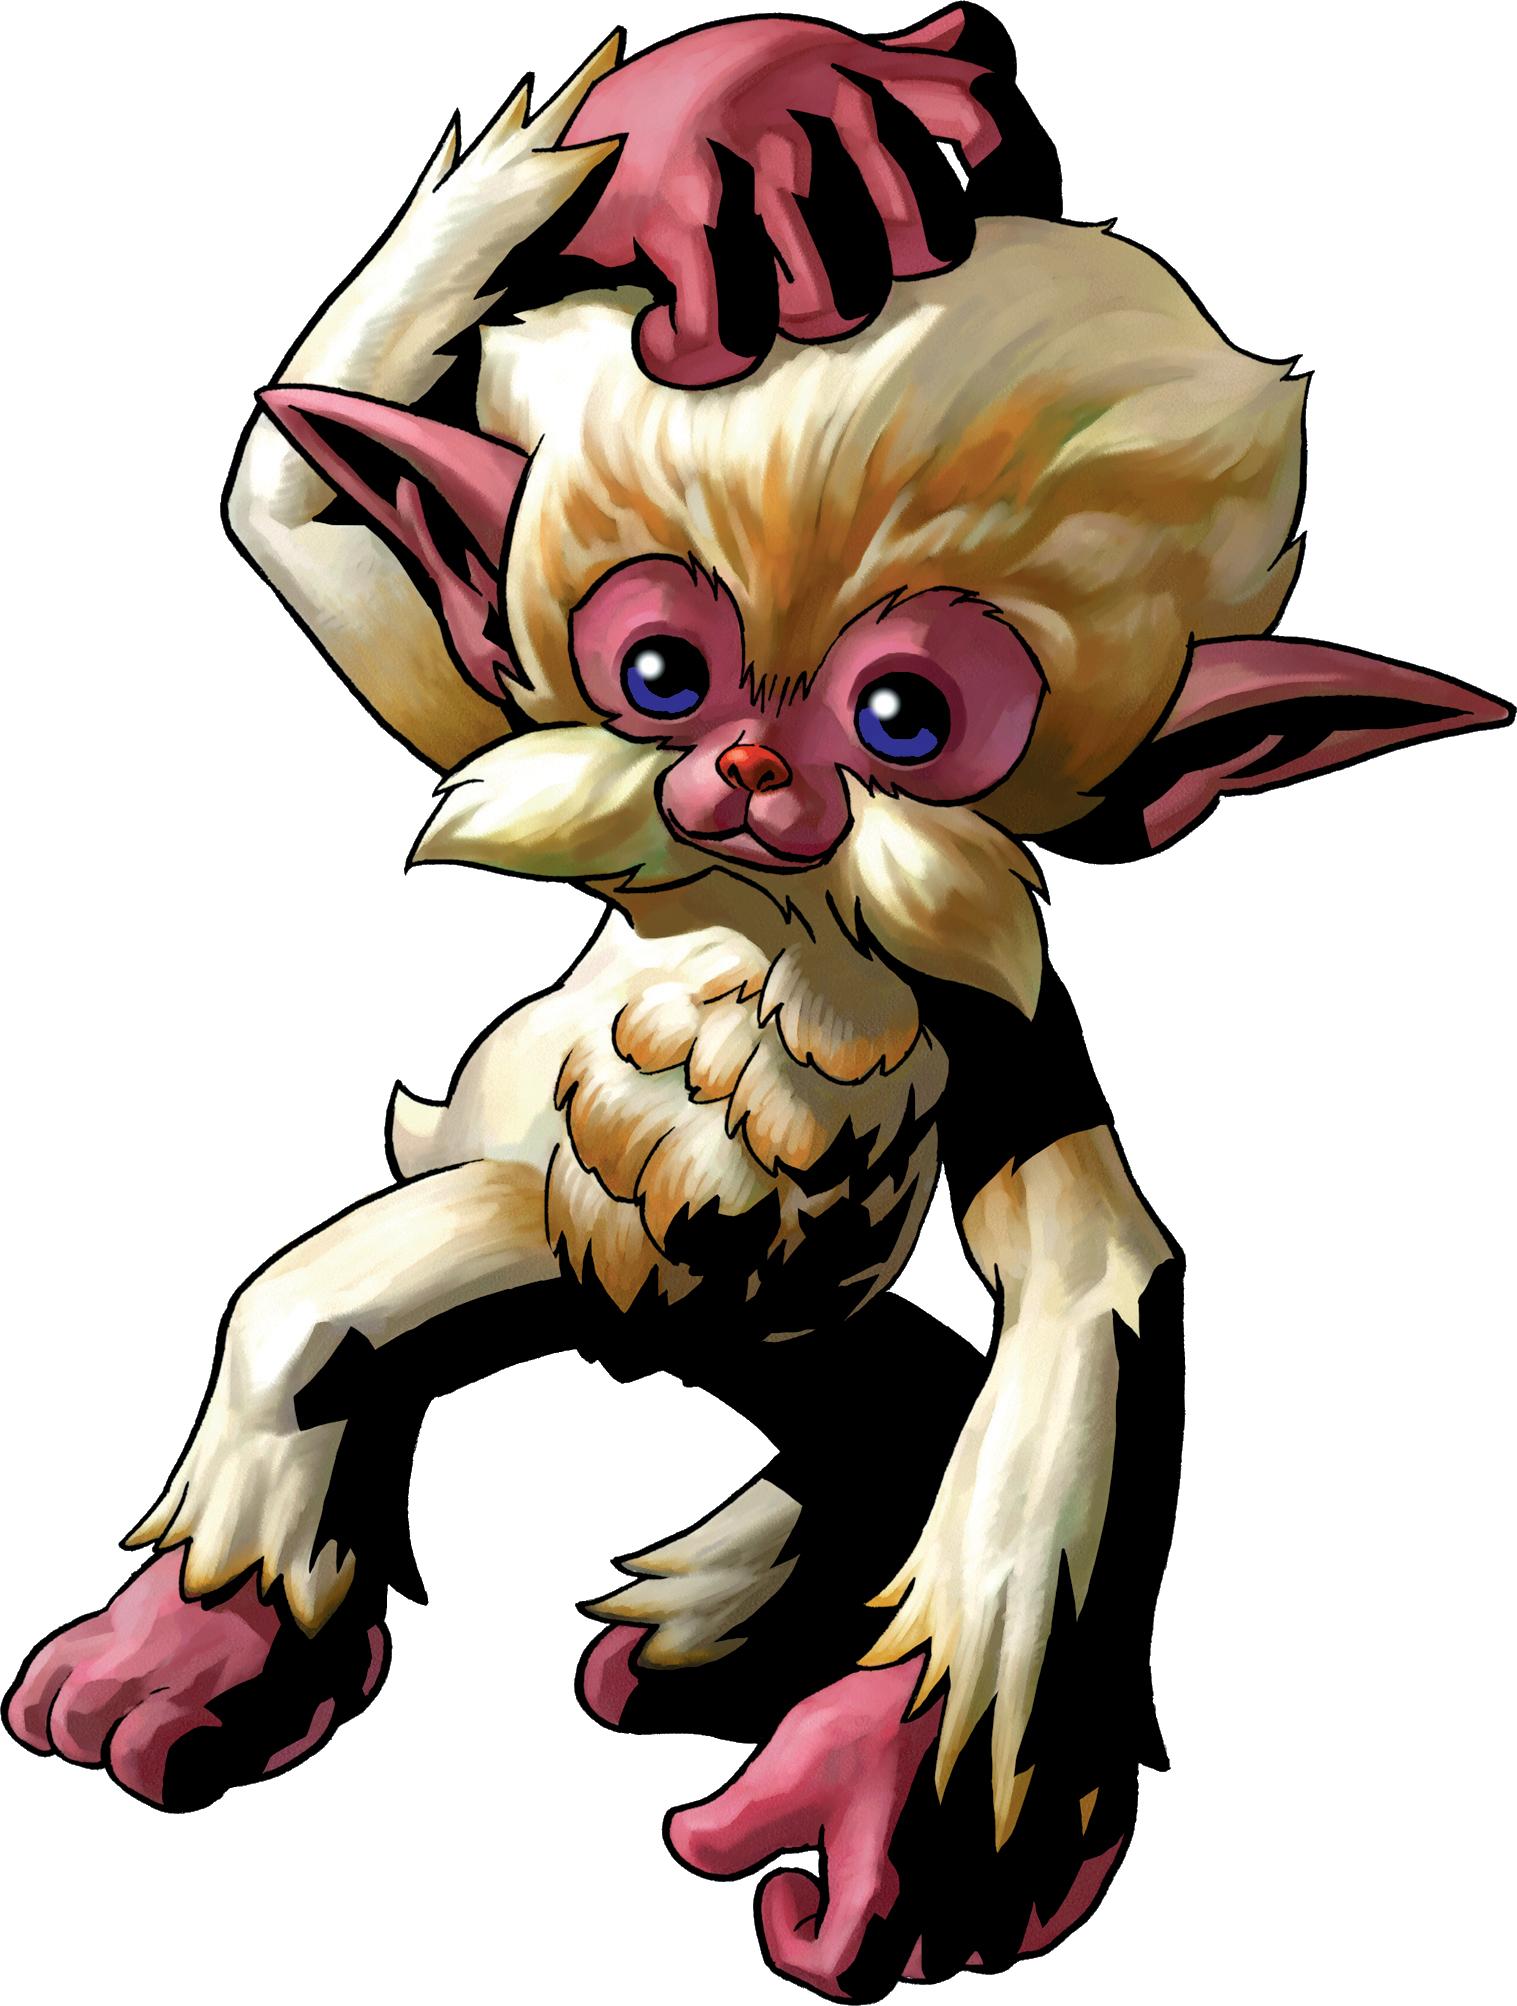 monkey zeldapedia fandom powered by wikia